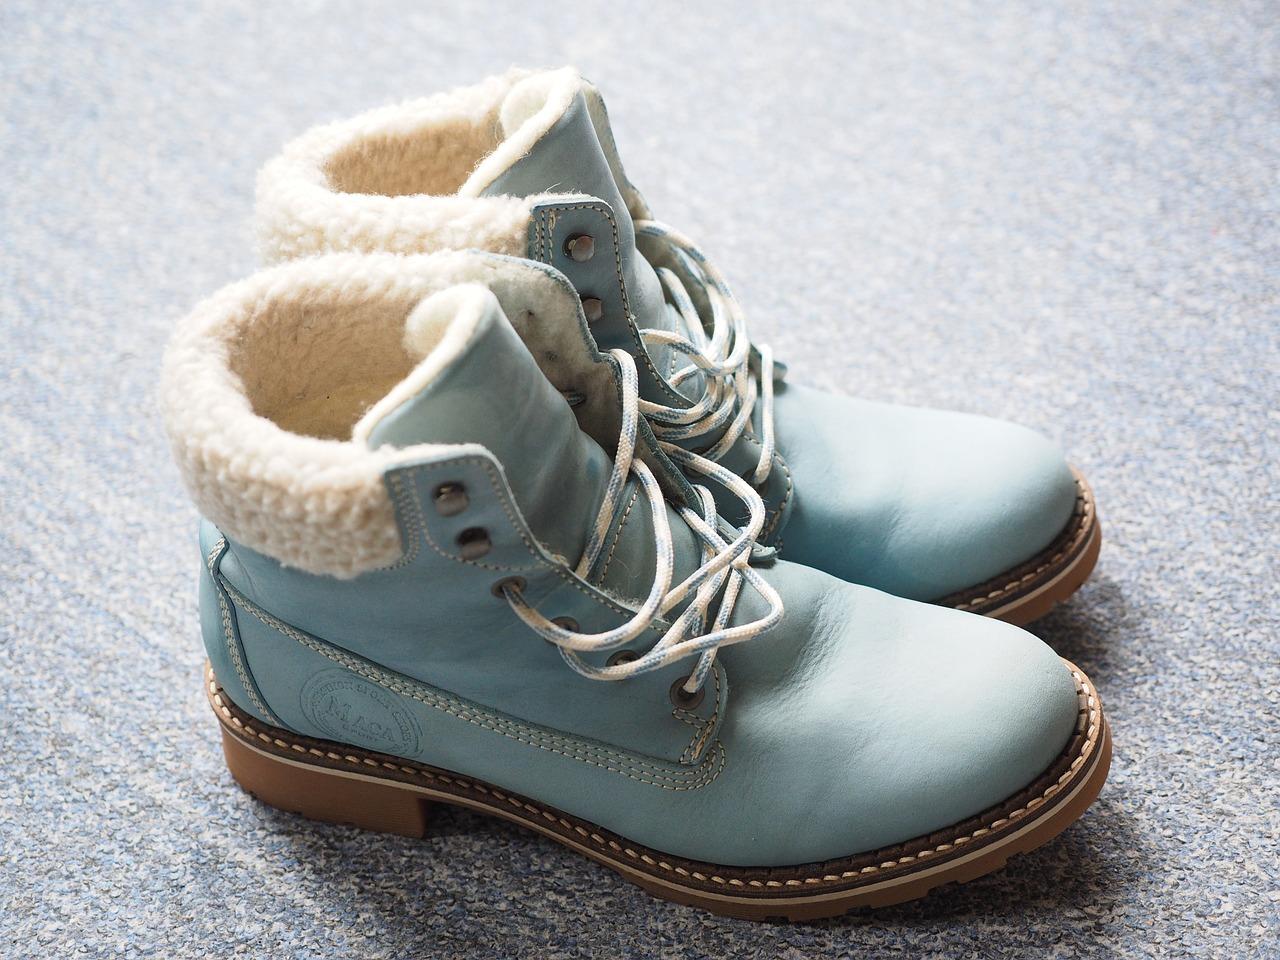 shoes-795698_1280